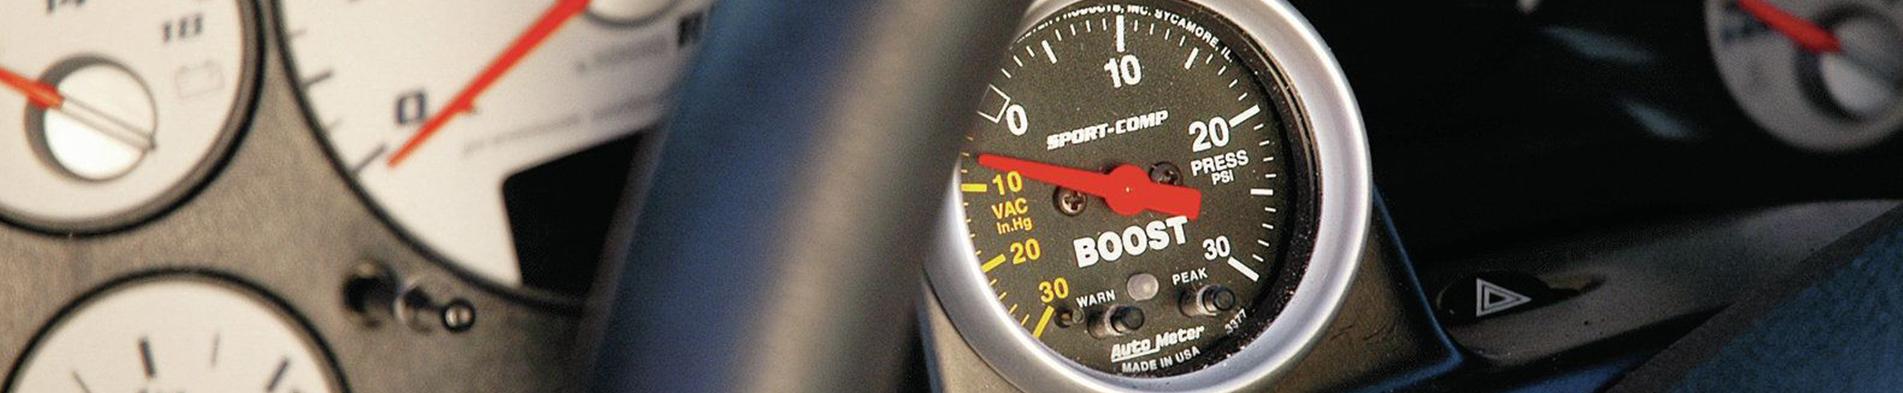 gauges-banner.jpg